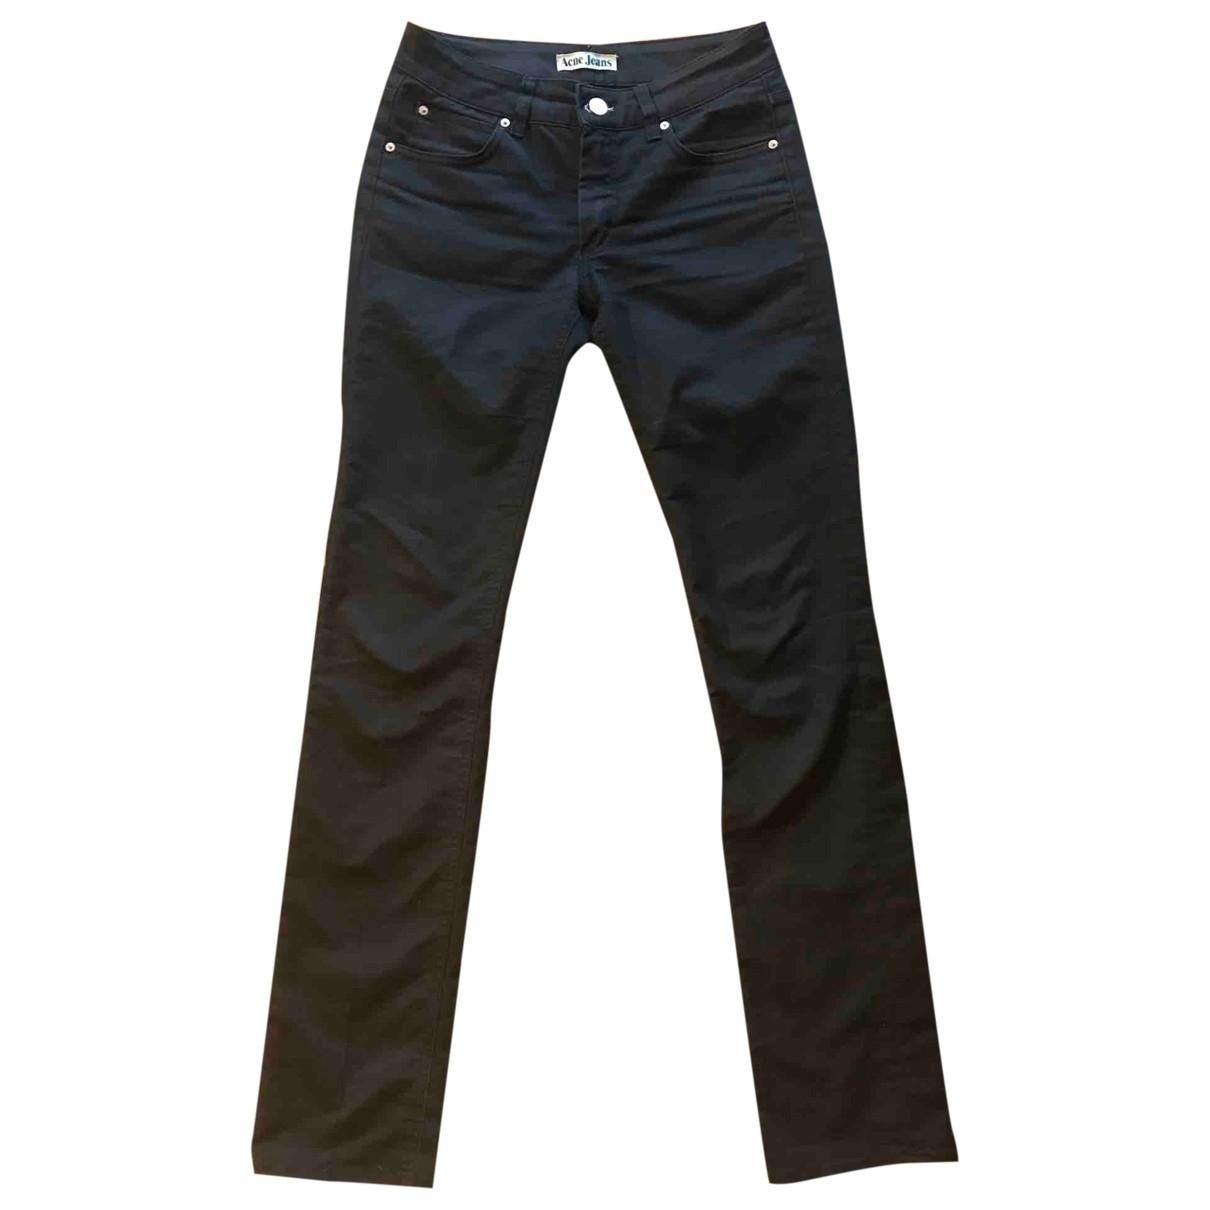 Acne Studios Hex Black Cotton Jeans for Women 29 US